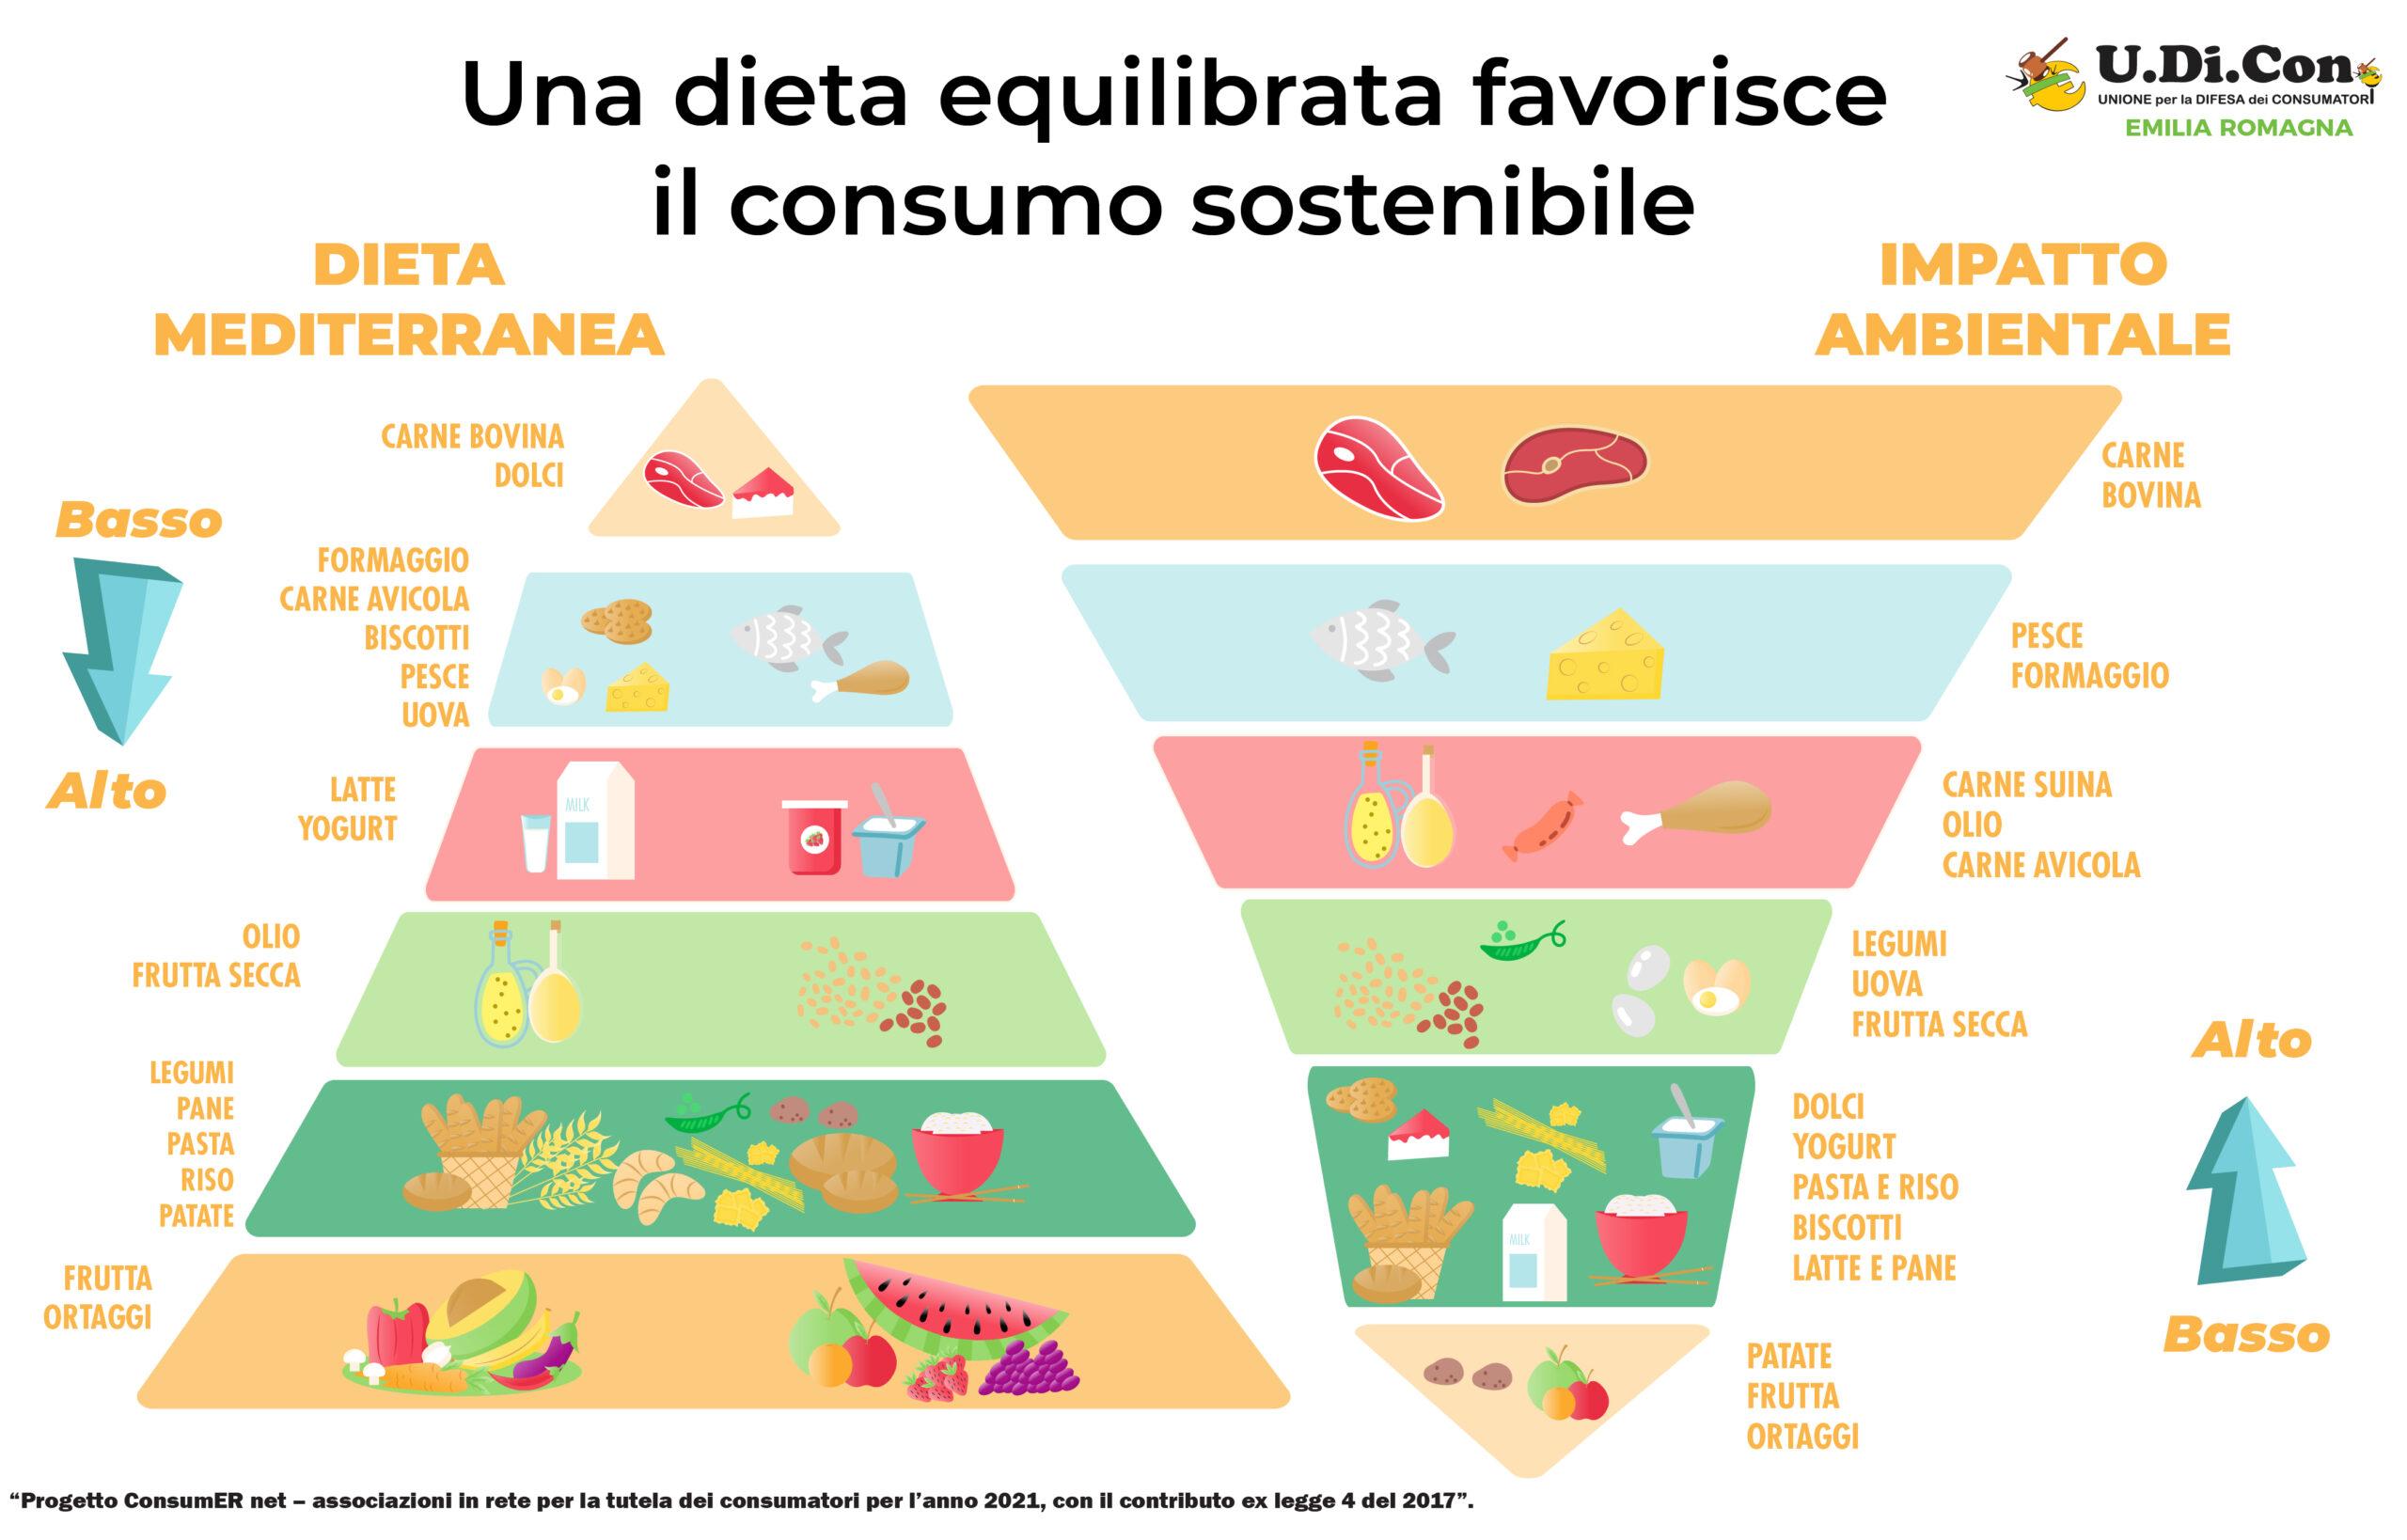 Infografica - Una dieta equilibrata favorisce il consumo sostenibile